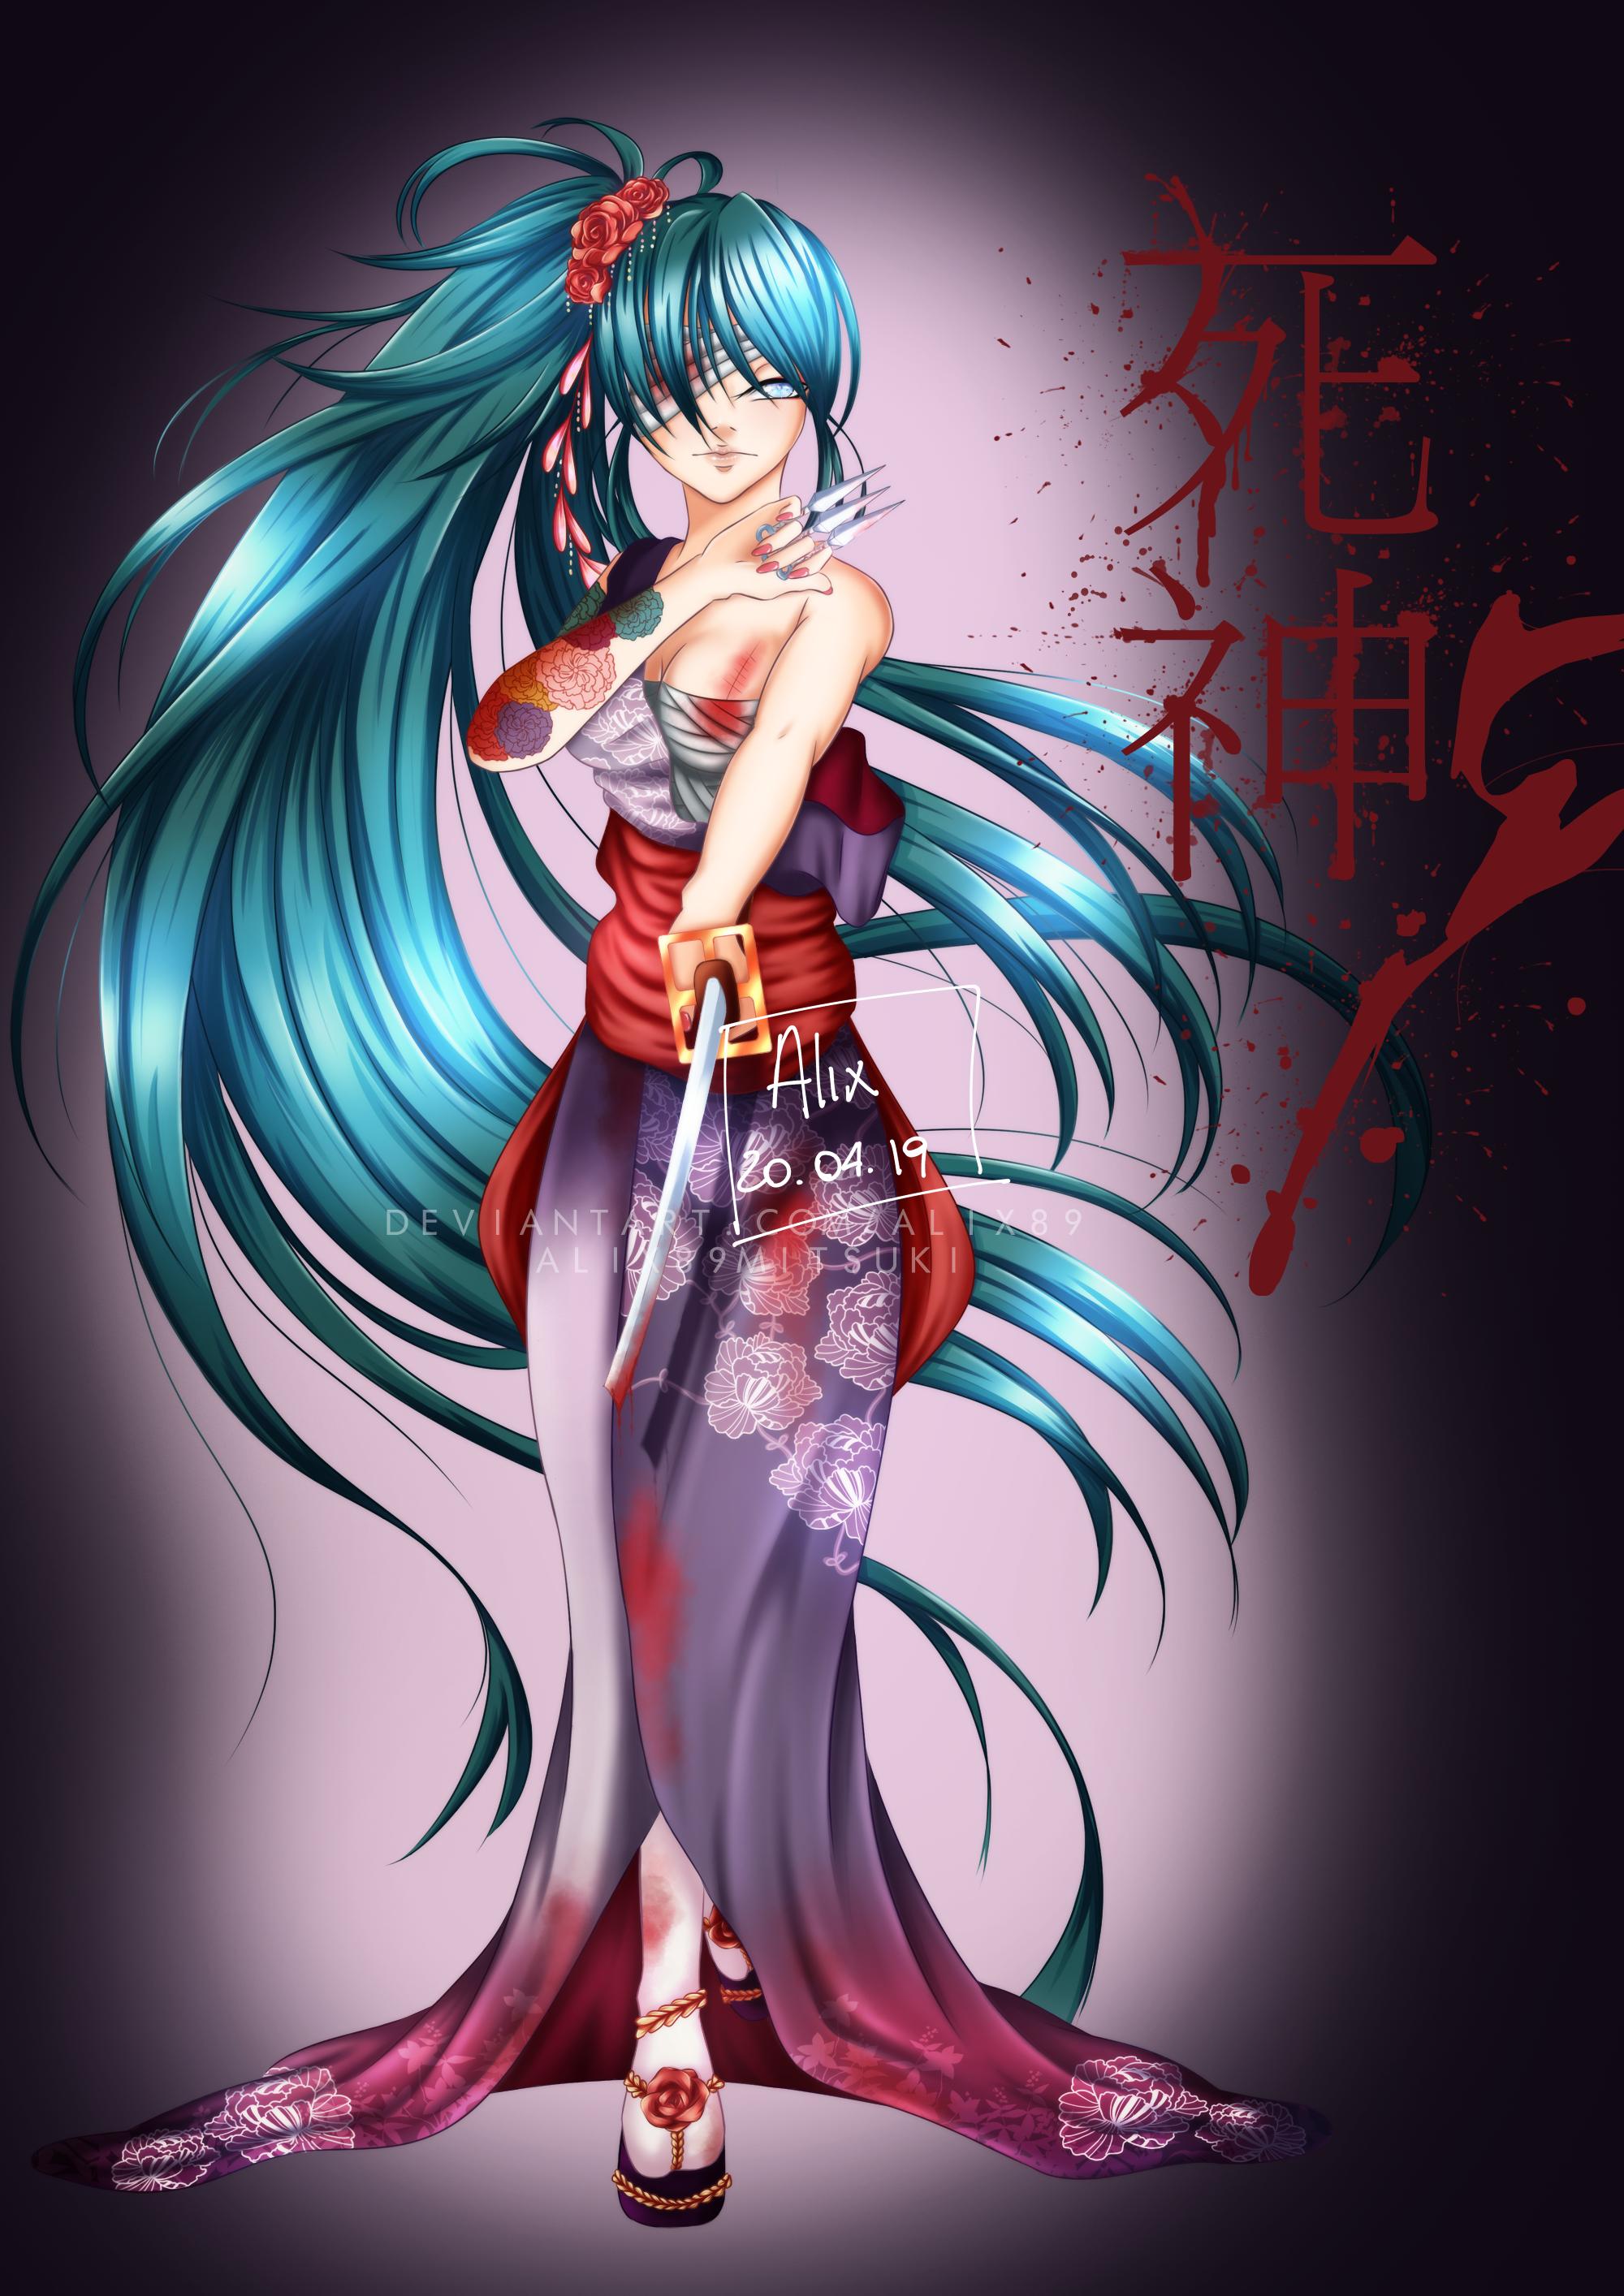 Shinigami girl [OC]